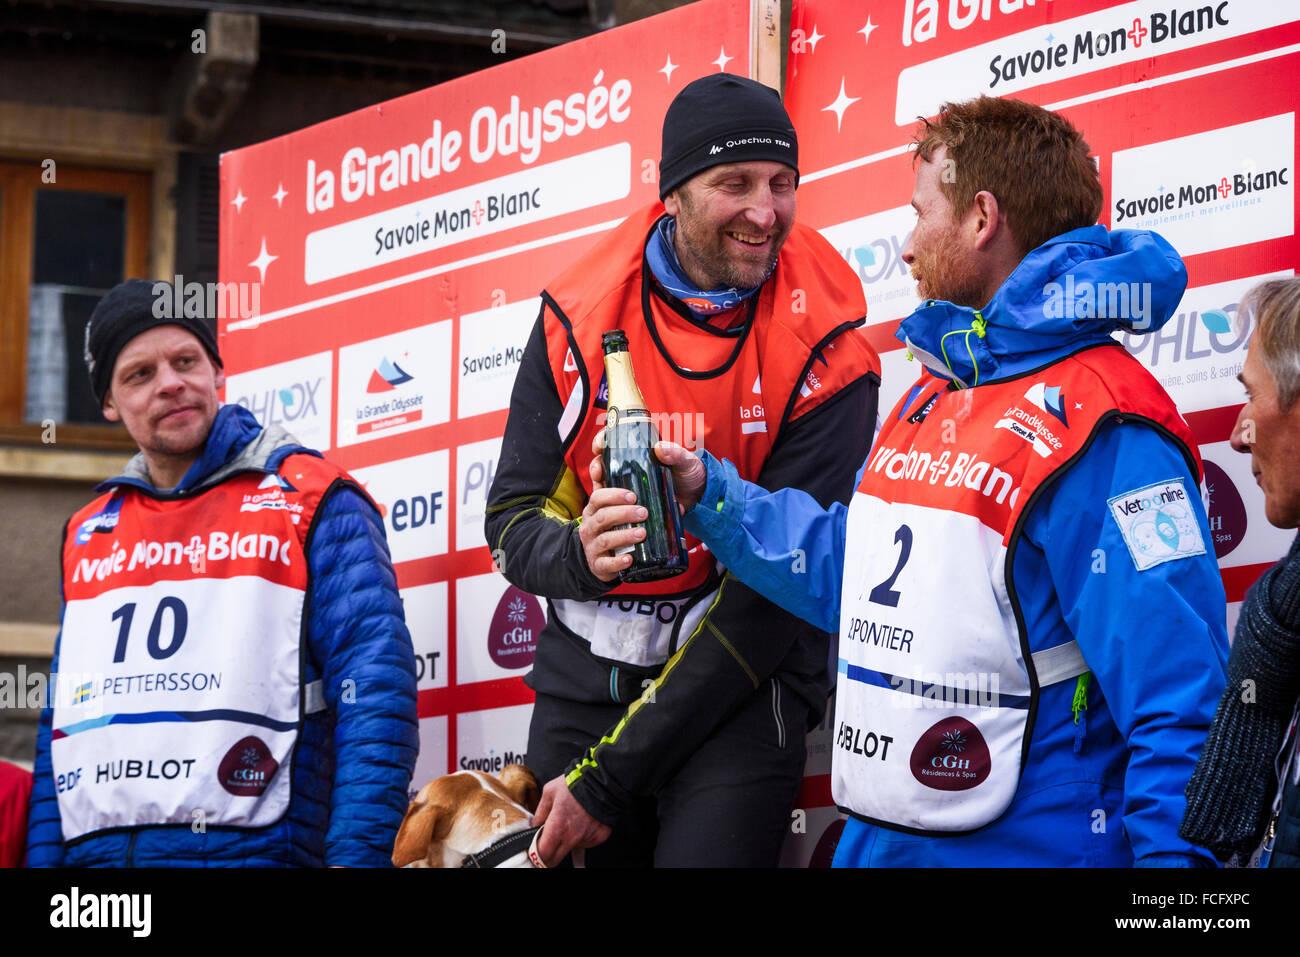 TERMIGNON, Vanoise, France - 20 janvier 2016 - Le podium Rémy COSTE le gagnant de la GRANDE ODYSSEE le plus Photo Stock